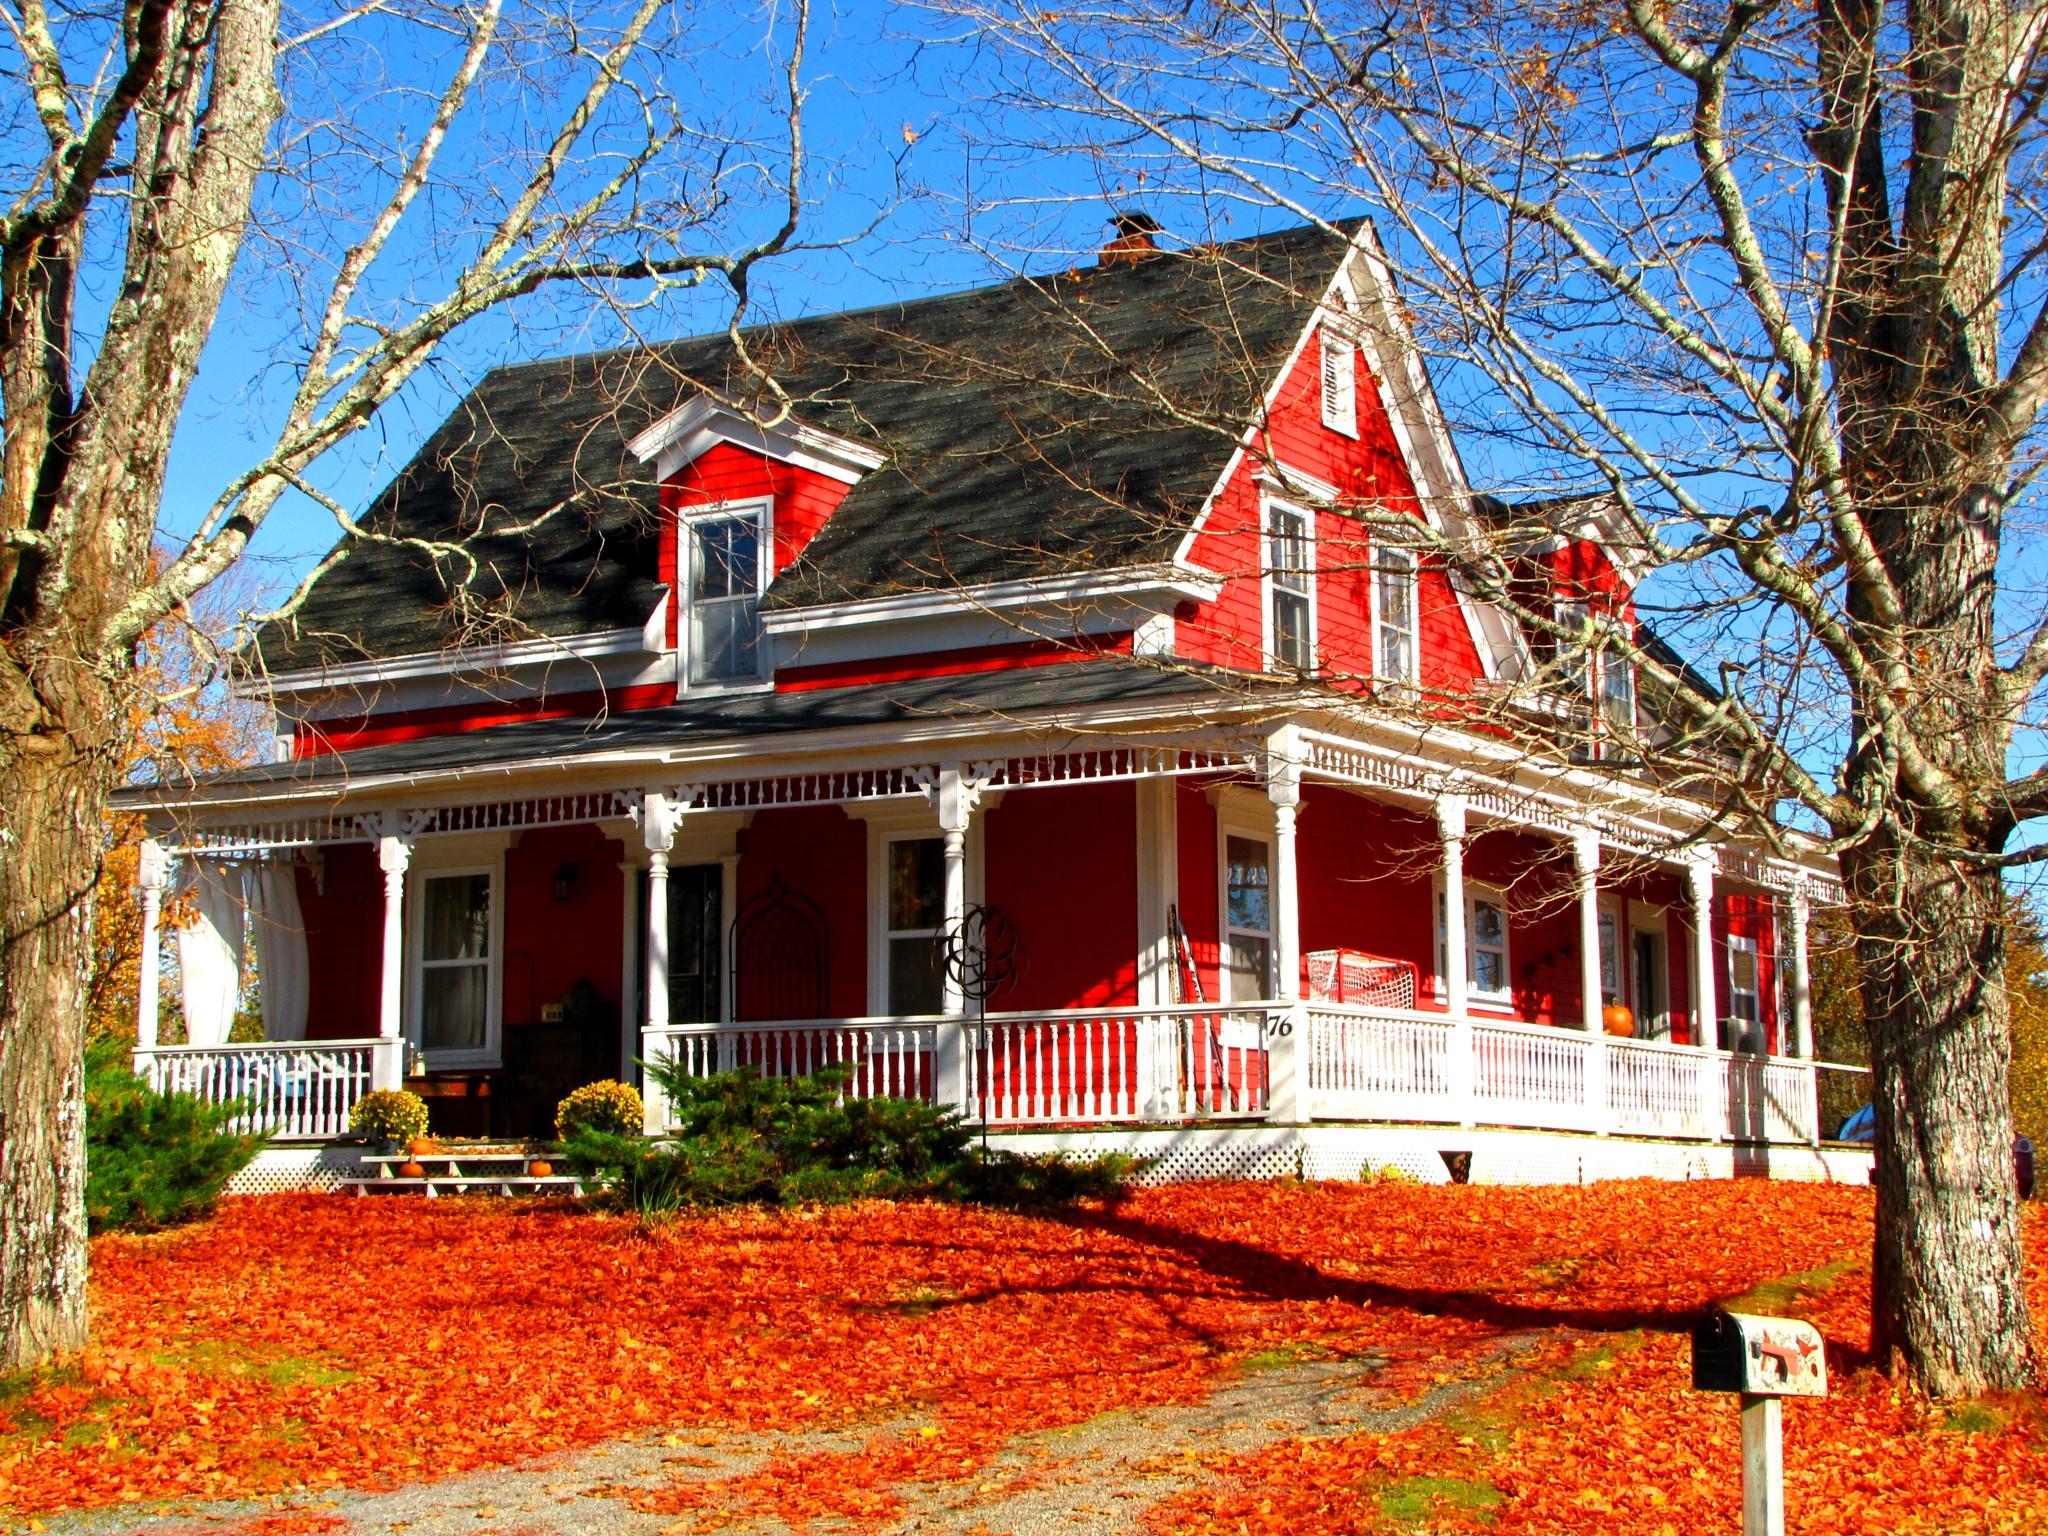 Autumn House by crow eddy